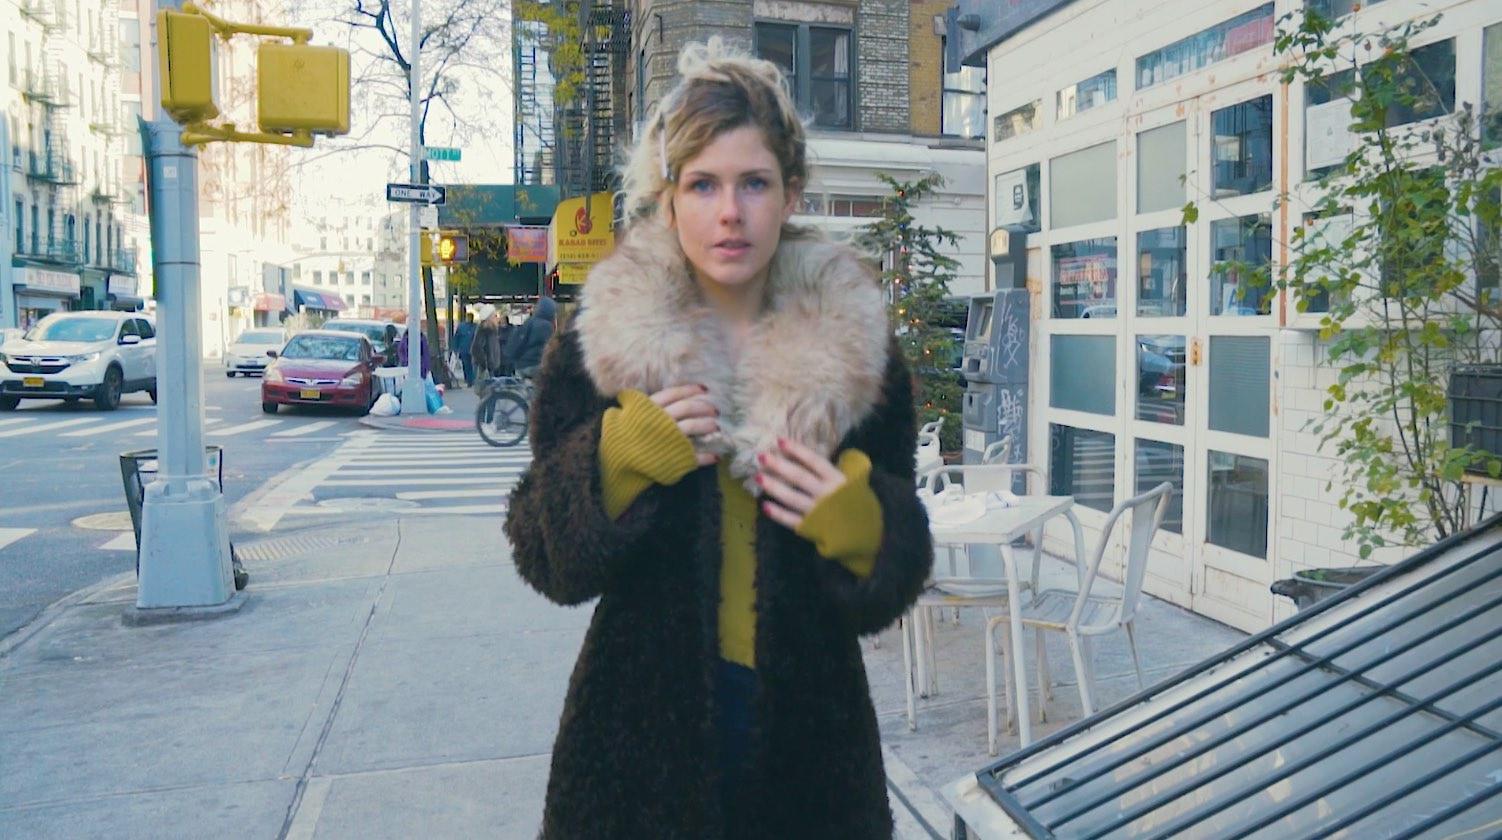 【NY】顔まわりが華やぐ、冬コーデに欠かせないファーショール